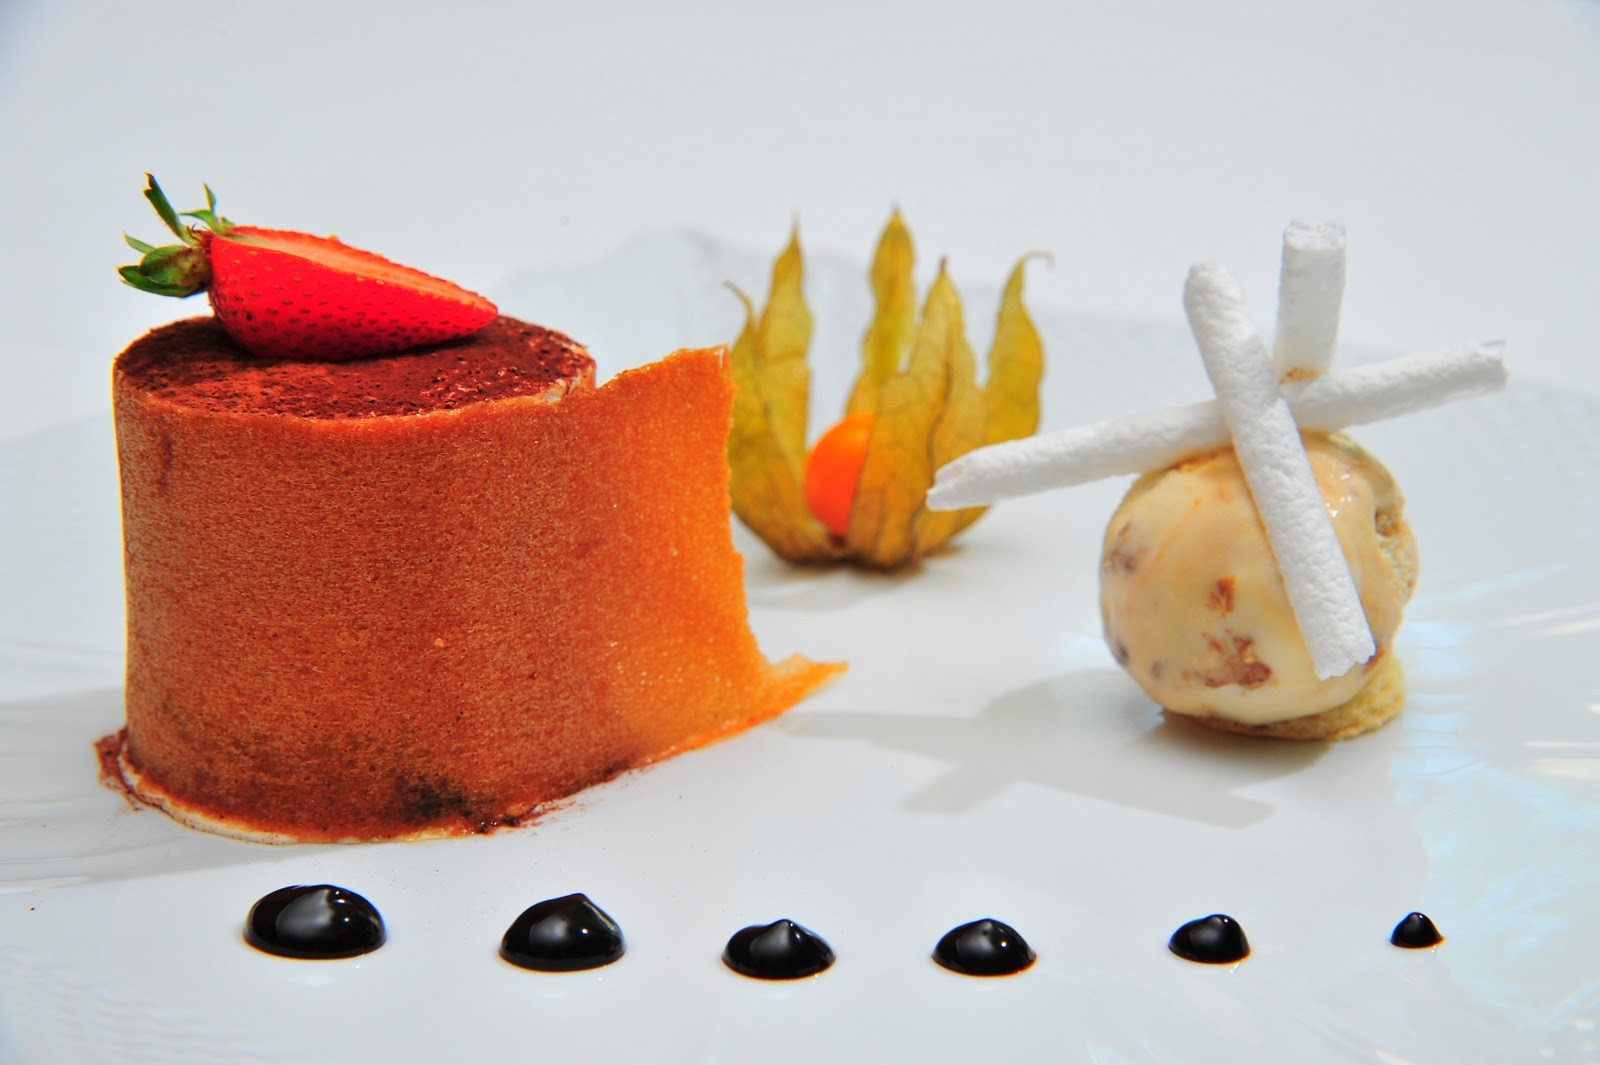 La influencia de la presentaci n en la comida for Platos de alta cocina